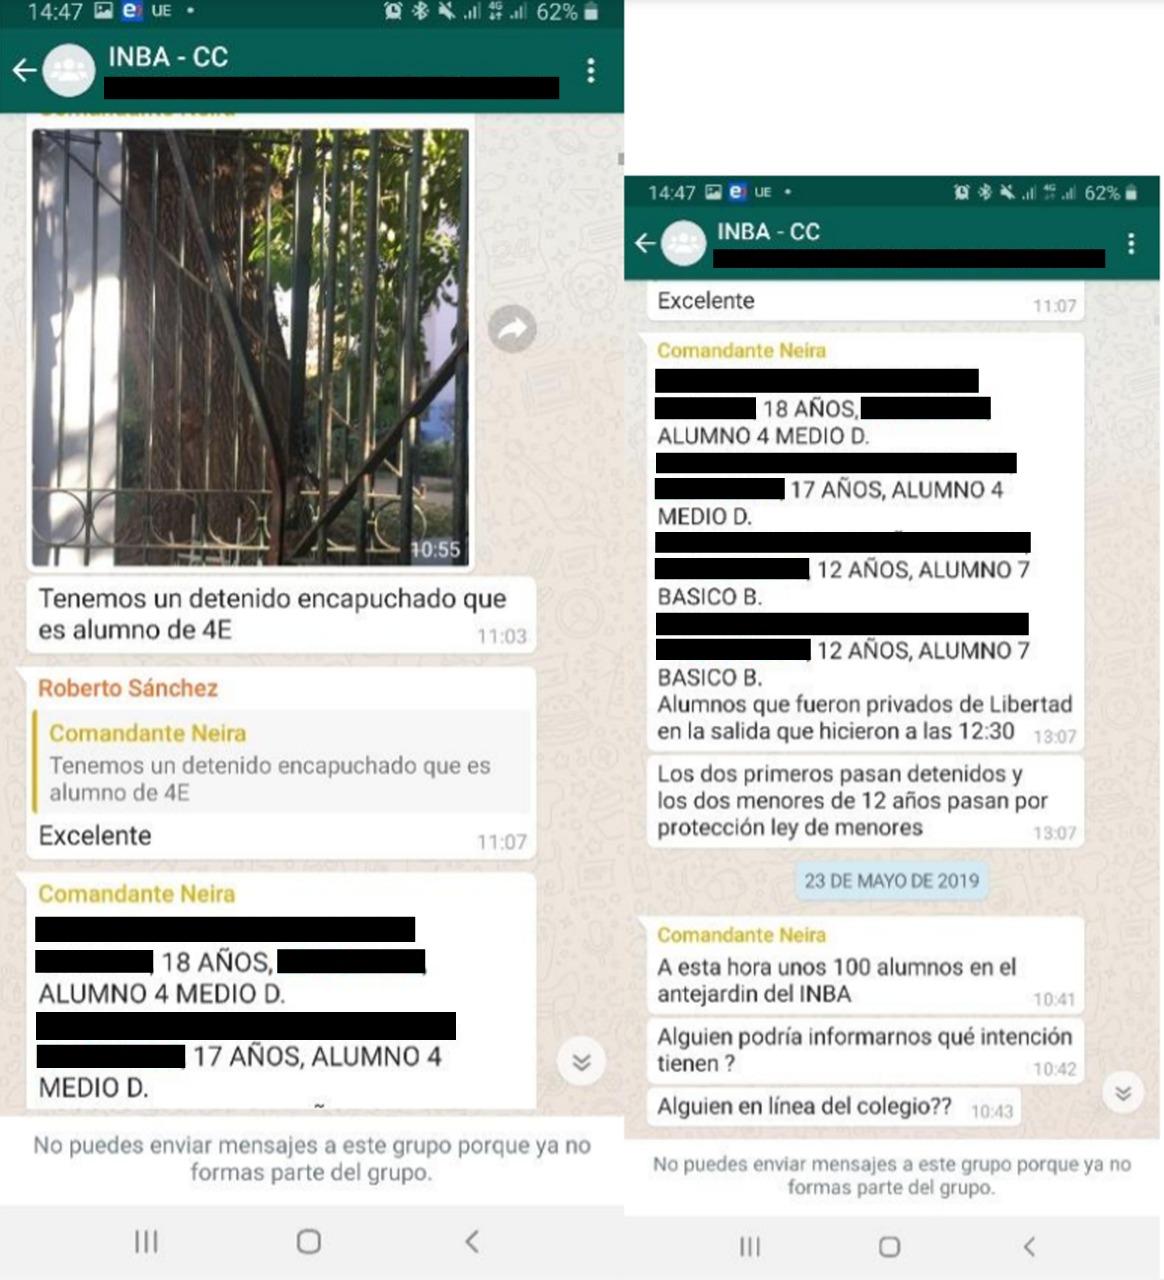 Carabineros publica a civiles información sensible de estudiantes detenidos